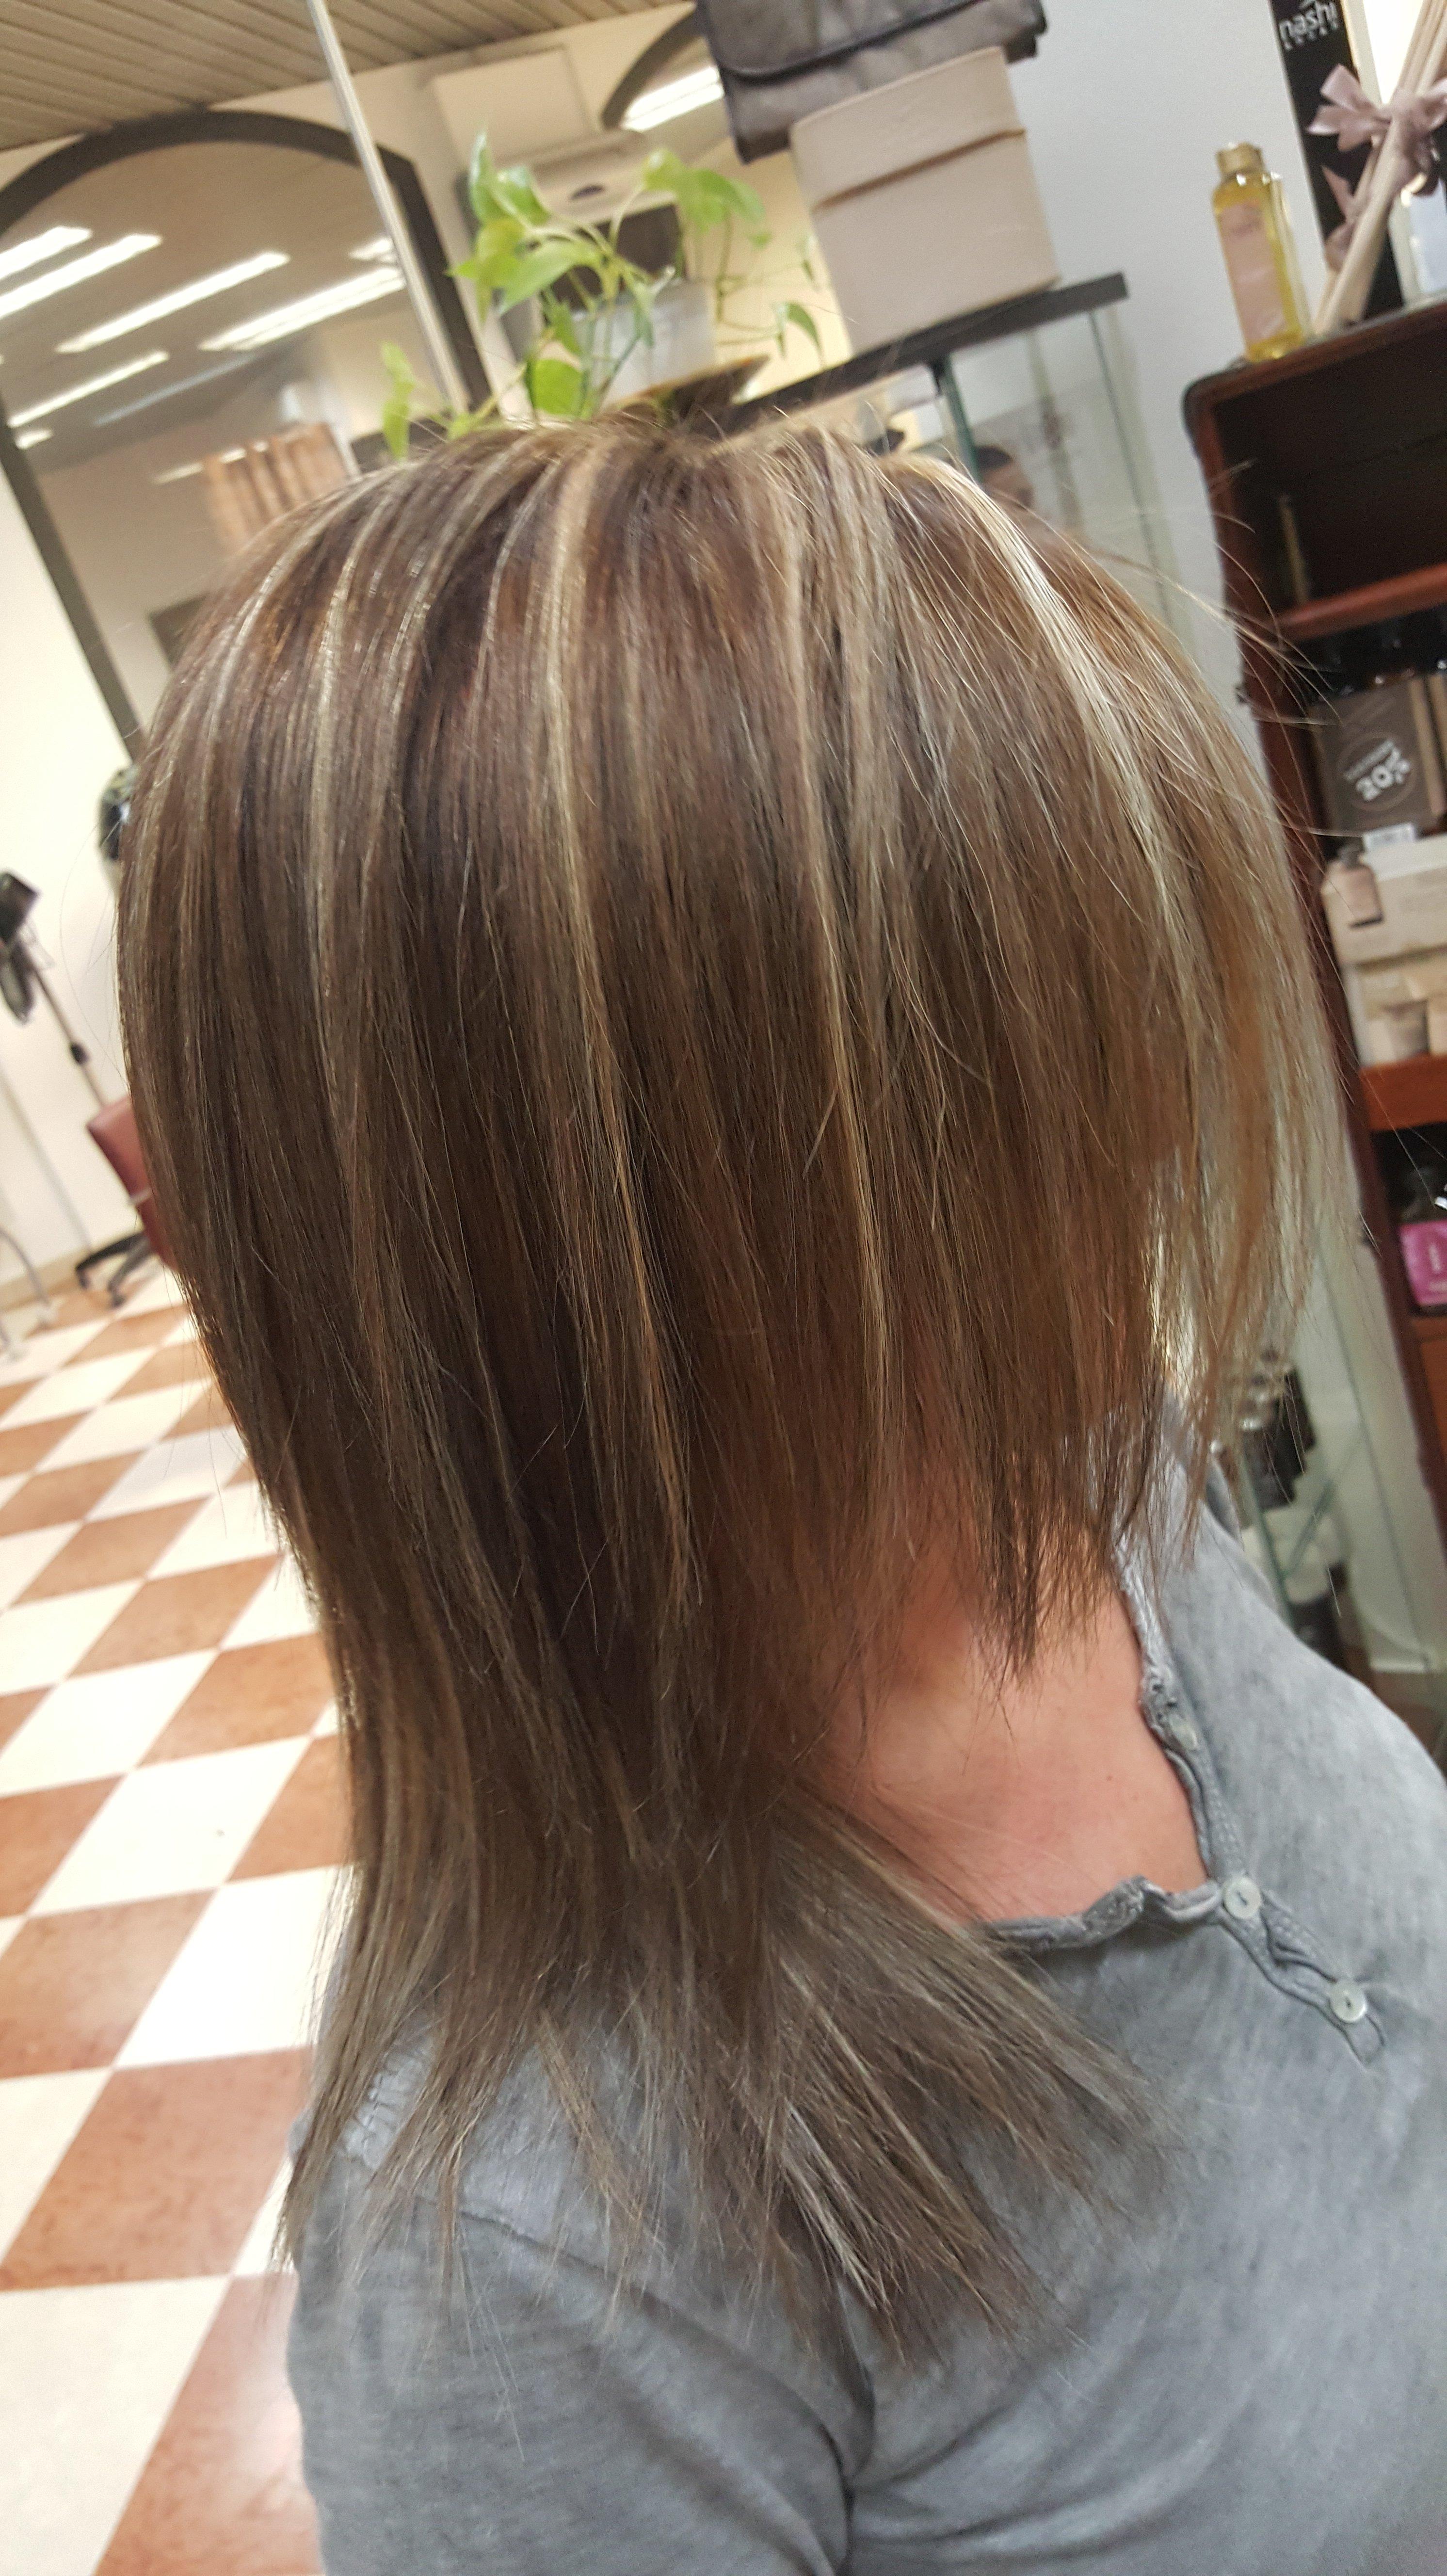 capelli castani di media lunghezza con meches bionde